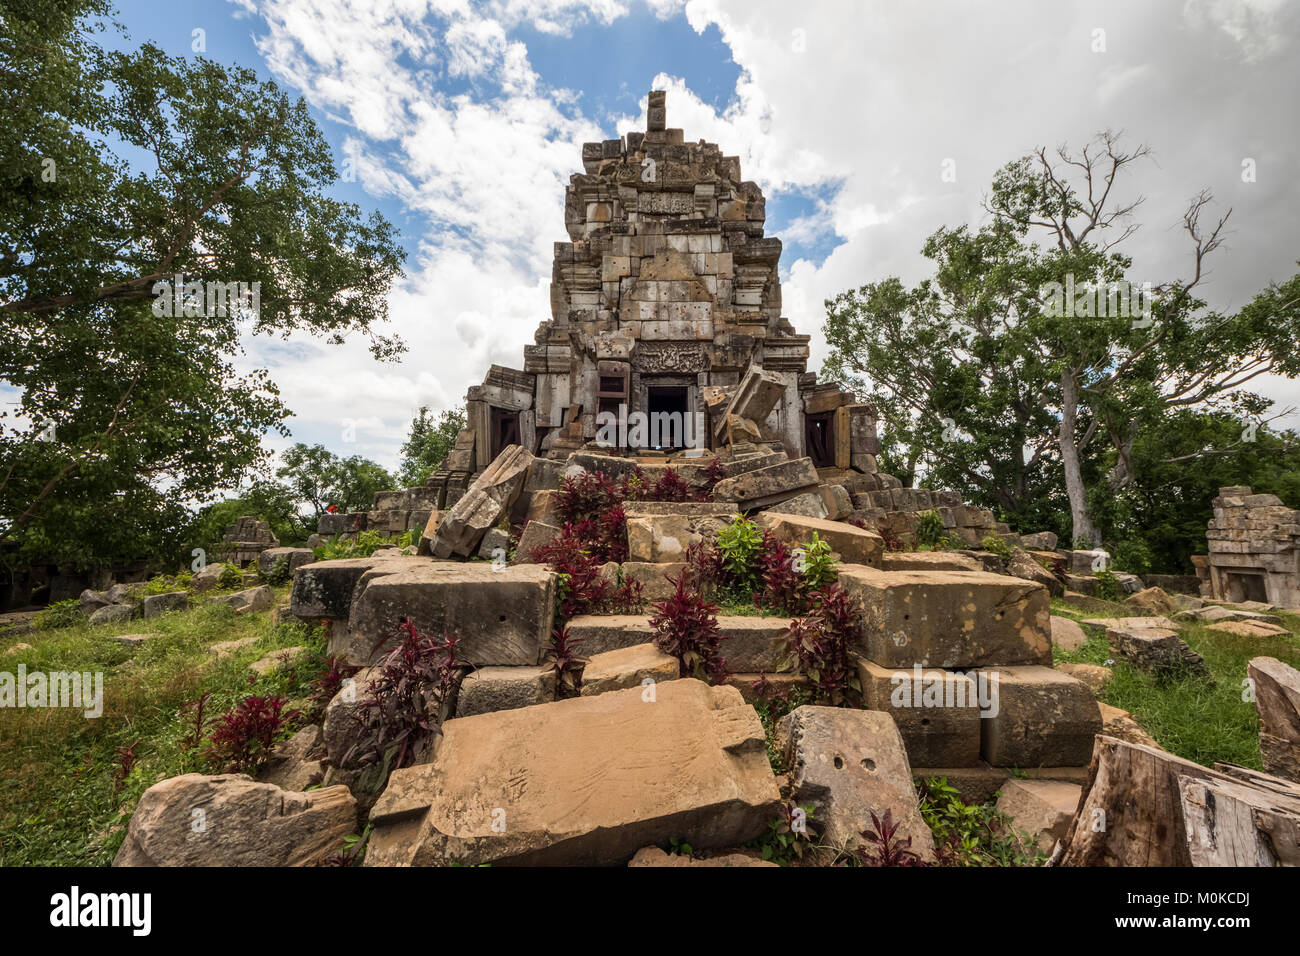 Central tower of the ancient Angkorian temple at Wat Ek Phnom; Battambang, Cambodia - Stock Image